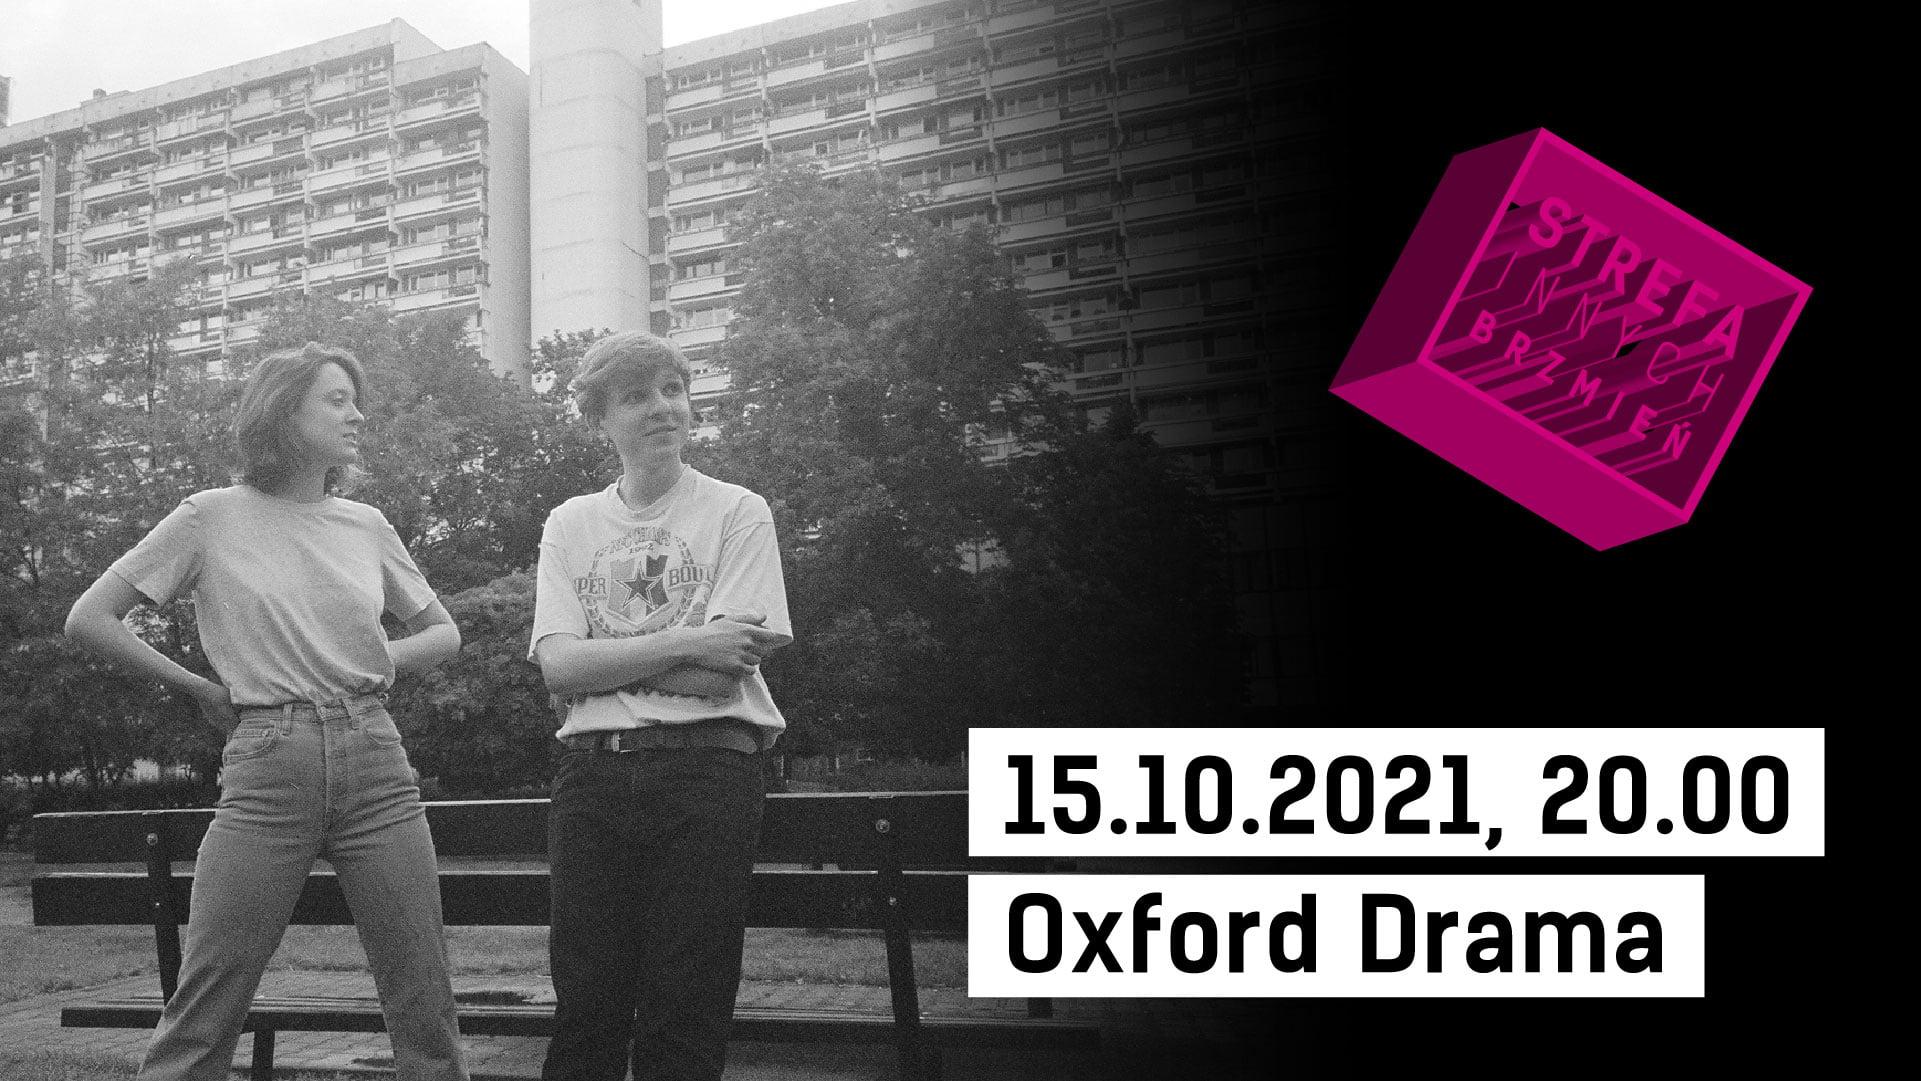 Zdjęcie dwóch kobiet przy ławce na blokowisku. Po lewej logo Strefa Innych Brzmień oraz napis 15.10.2021, 20.00 Oxford Drama